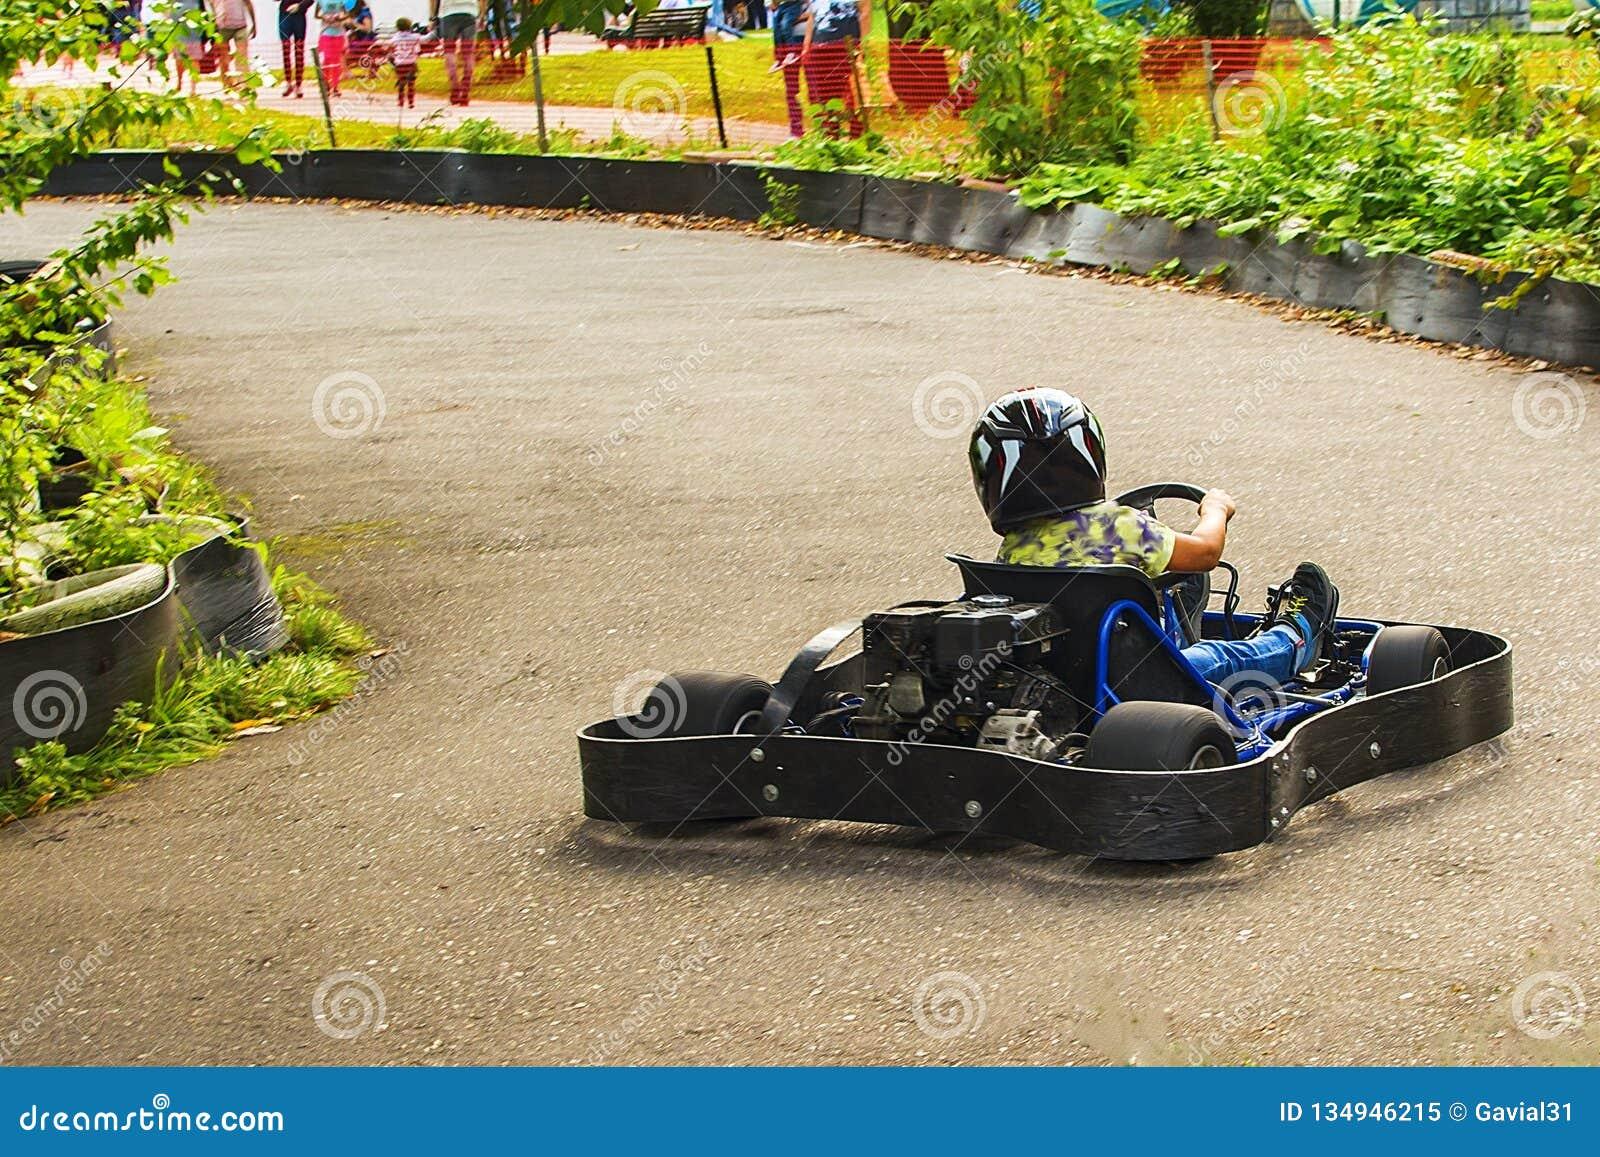 Vont le coureur de kart sur la route en nature